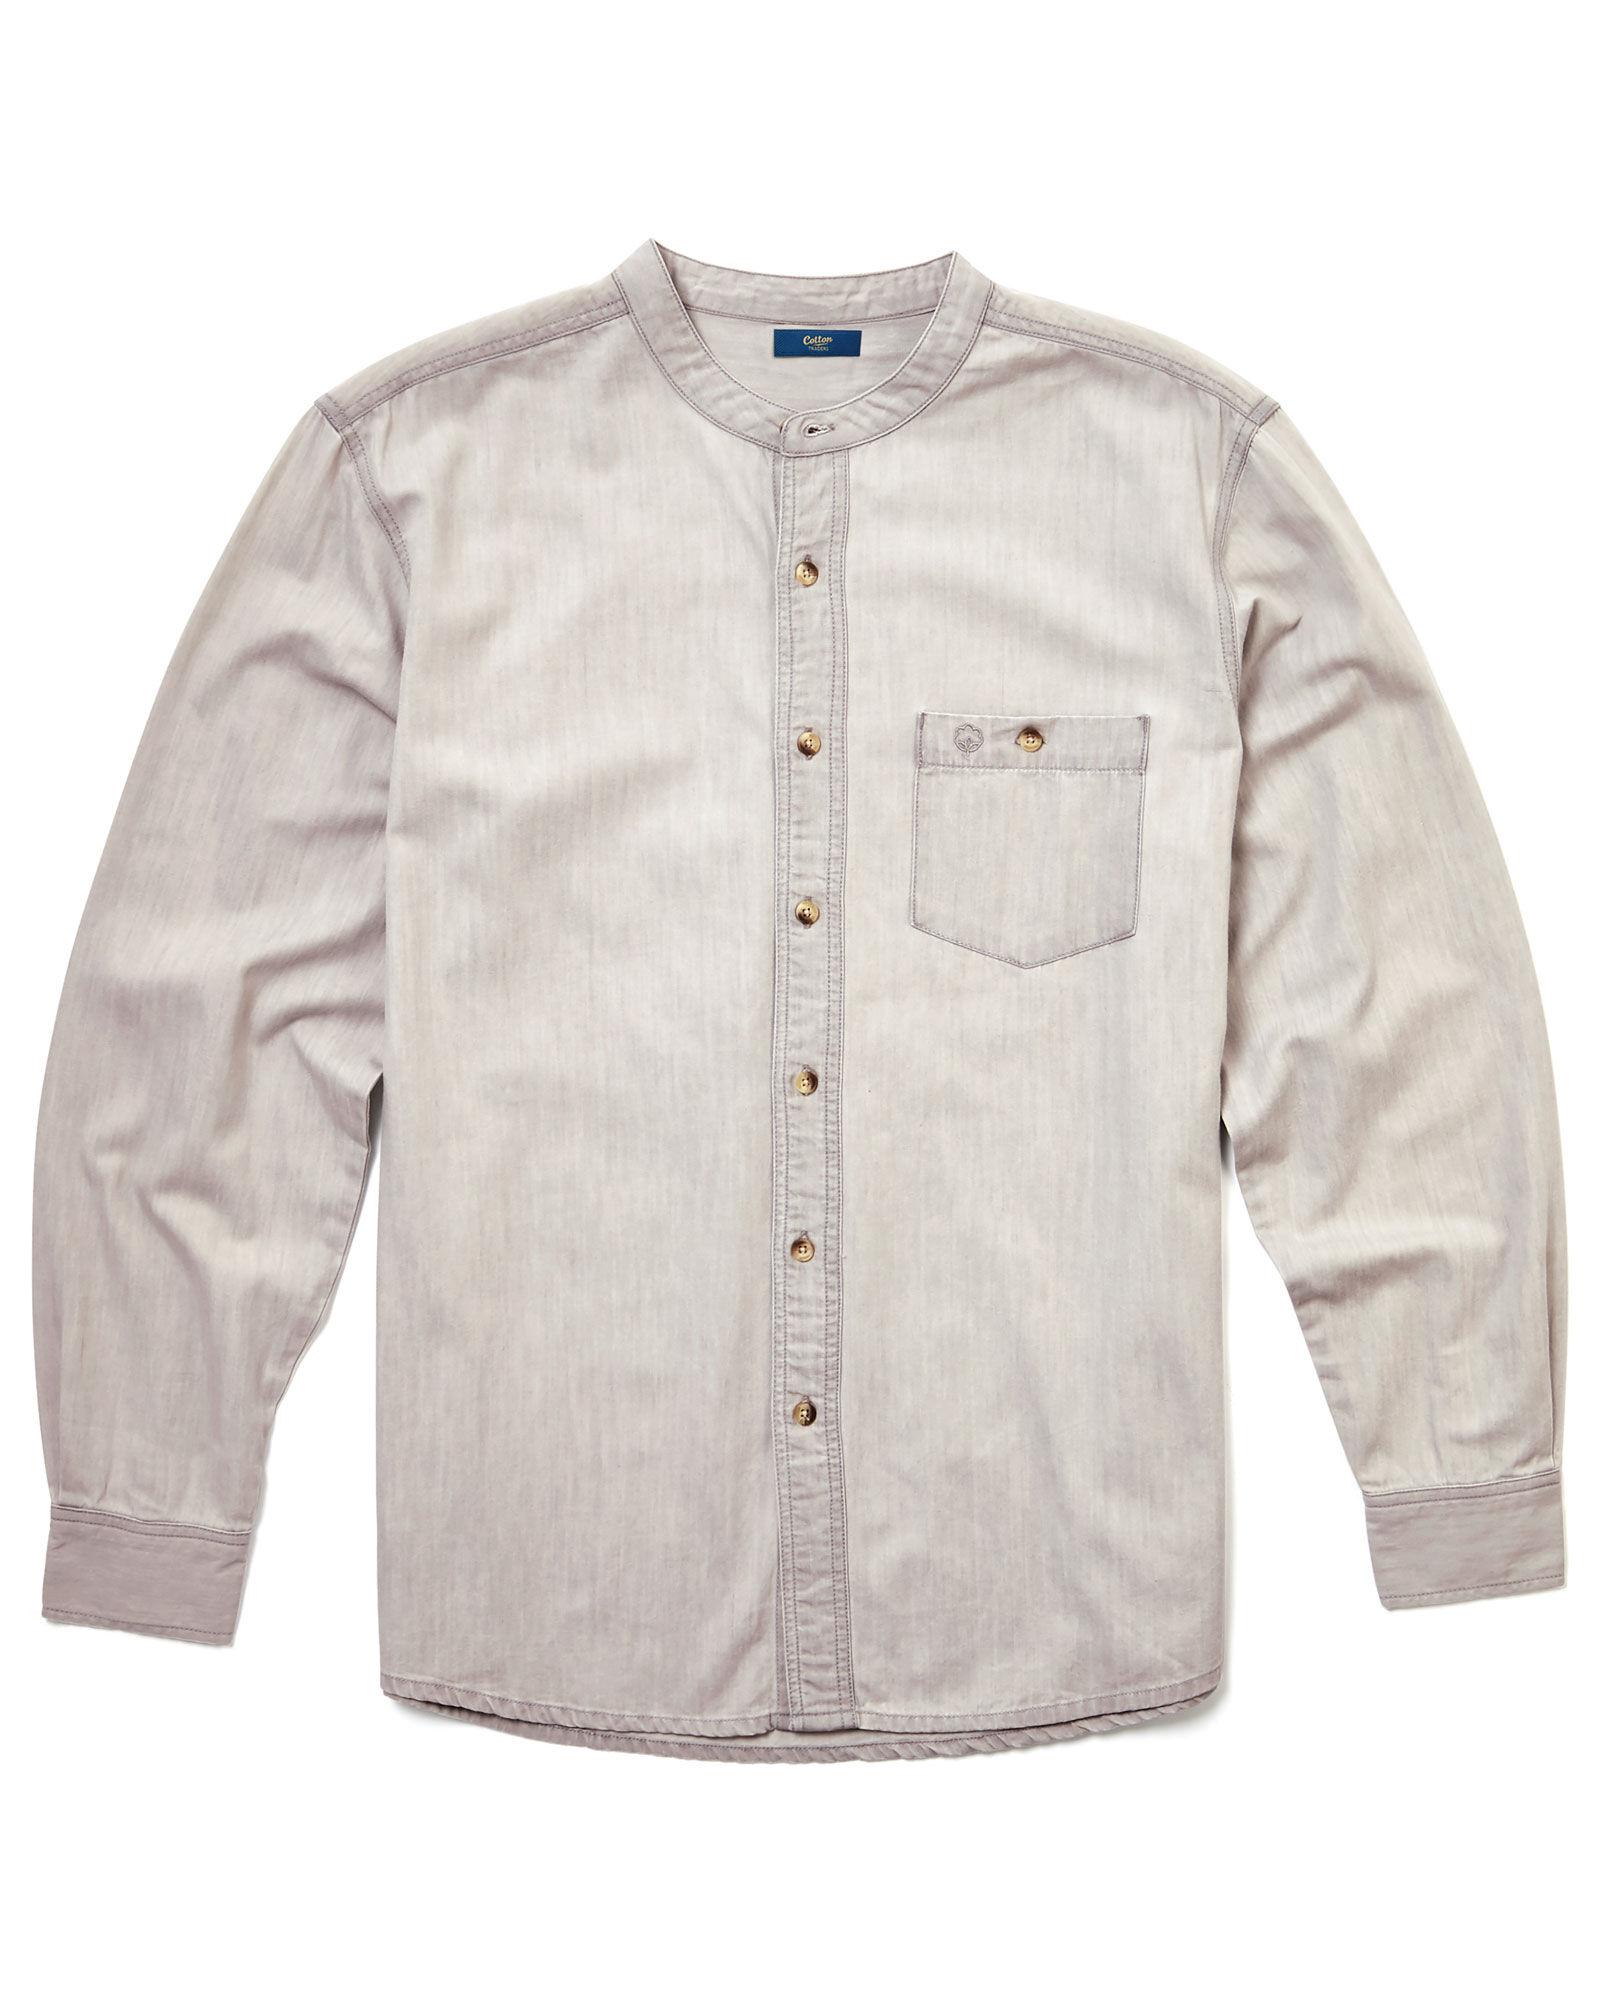 Quality Classic design 100/% Cotton Grandad Shirt Button Through Kaboo Original